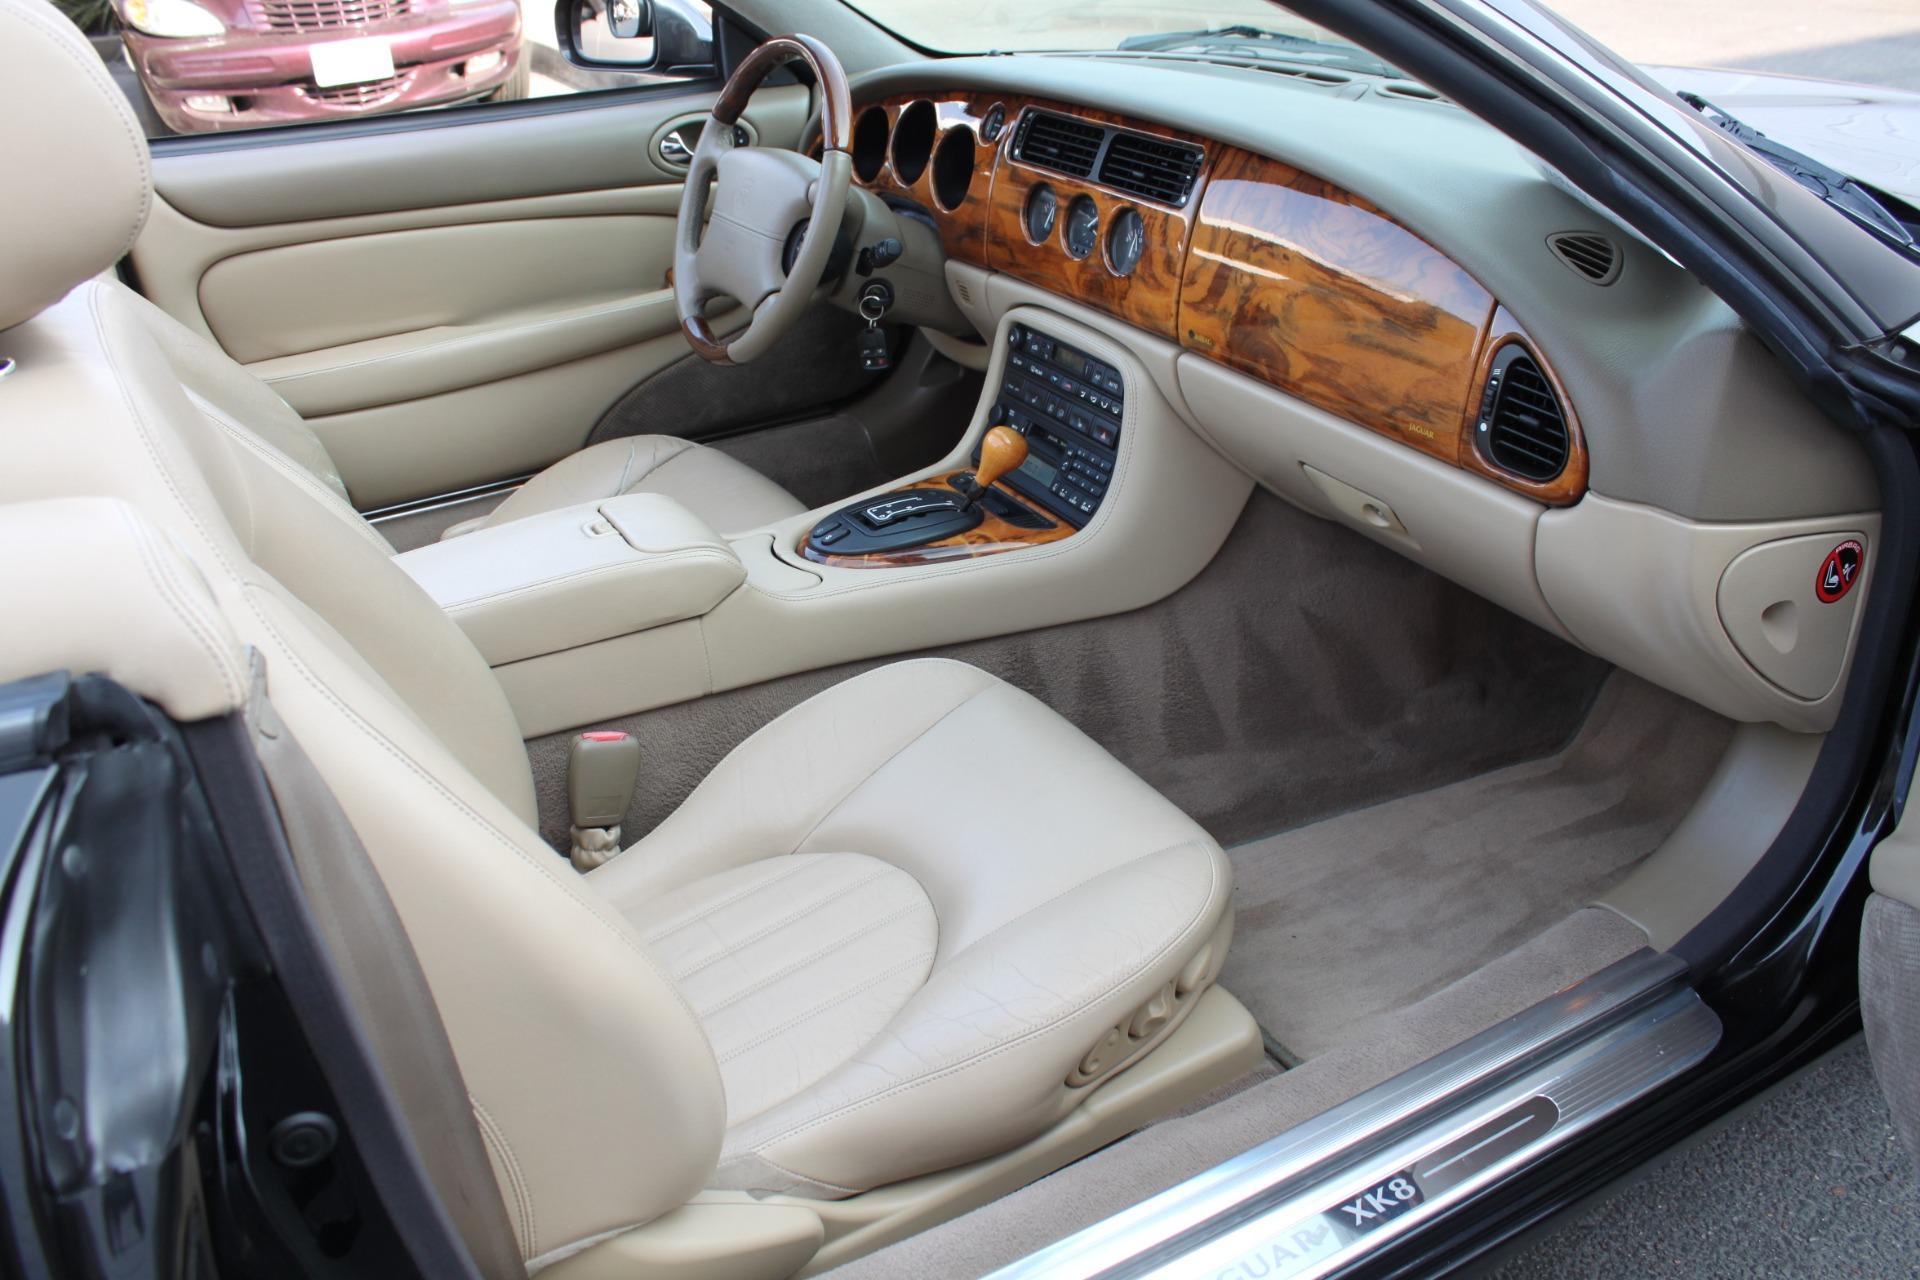 Used-2002-Jaguar-XK8-Convertible-XK8-Chrysler